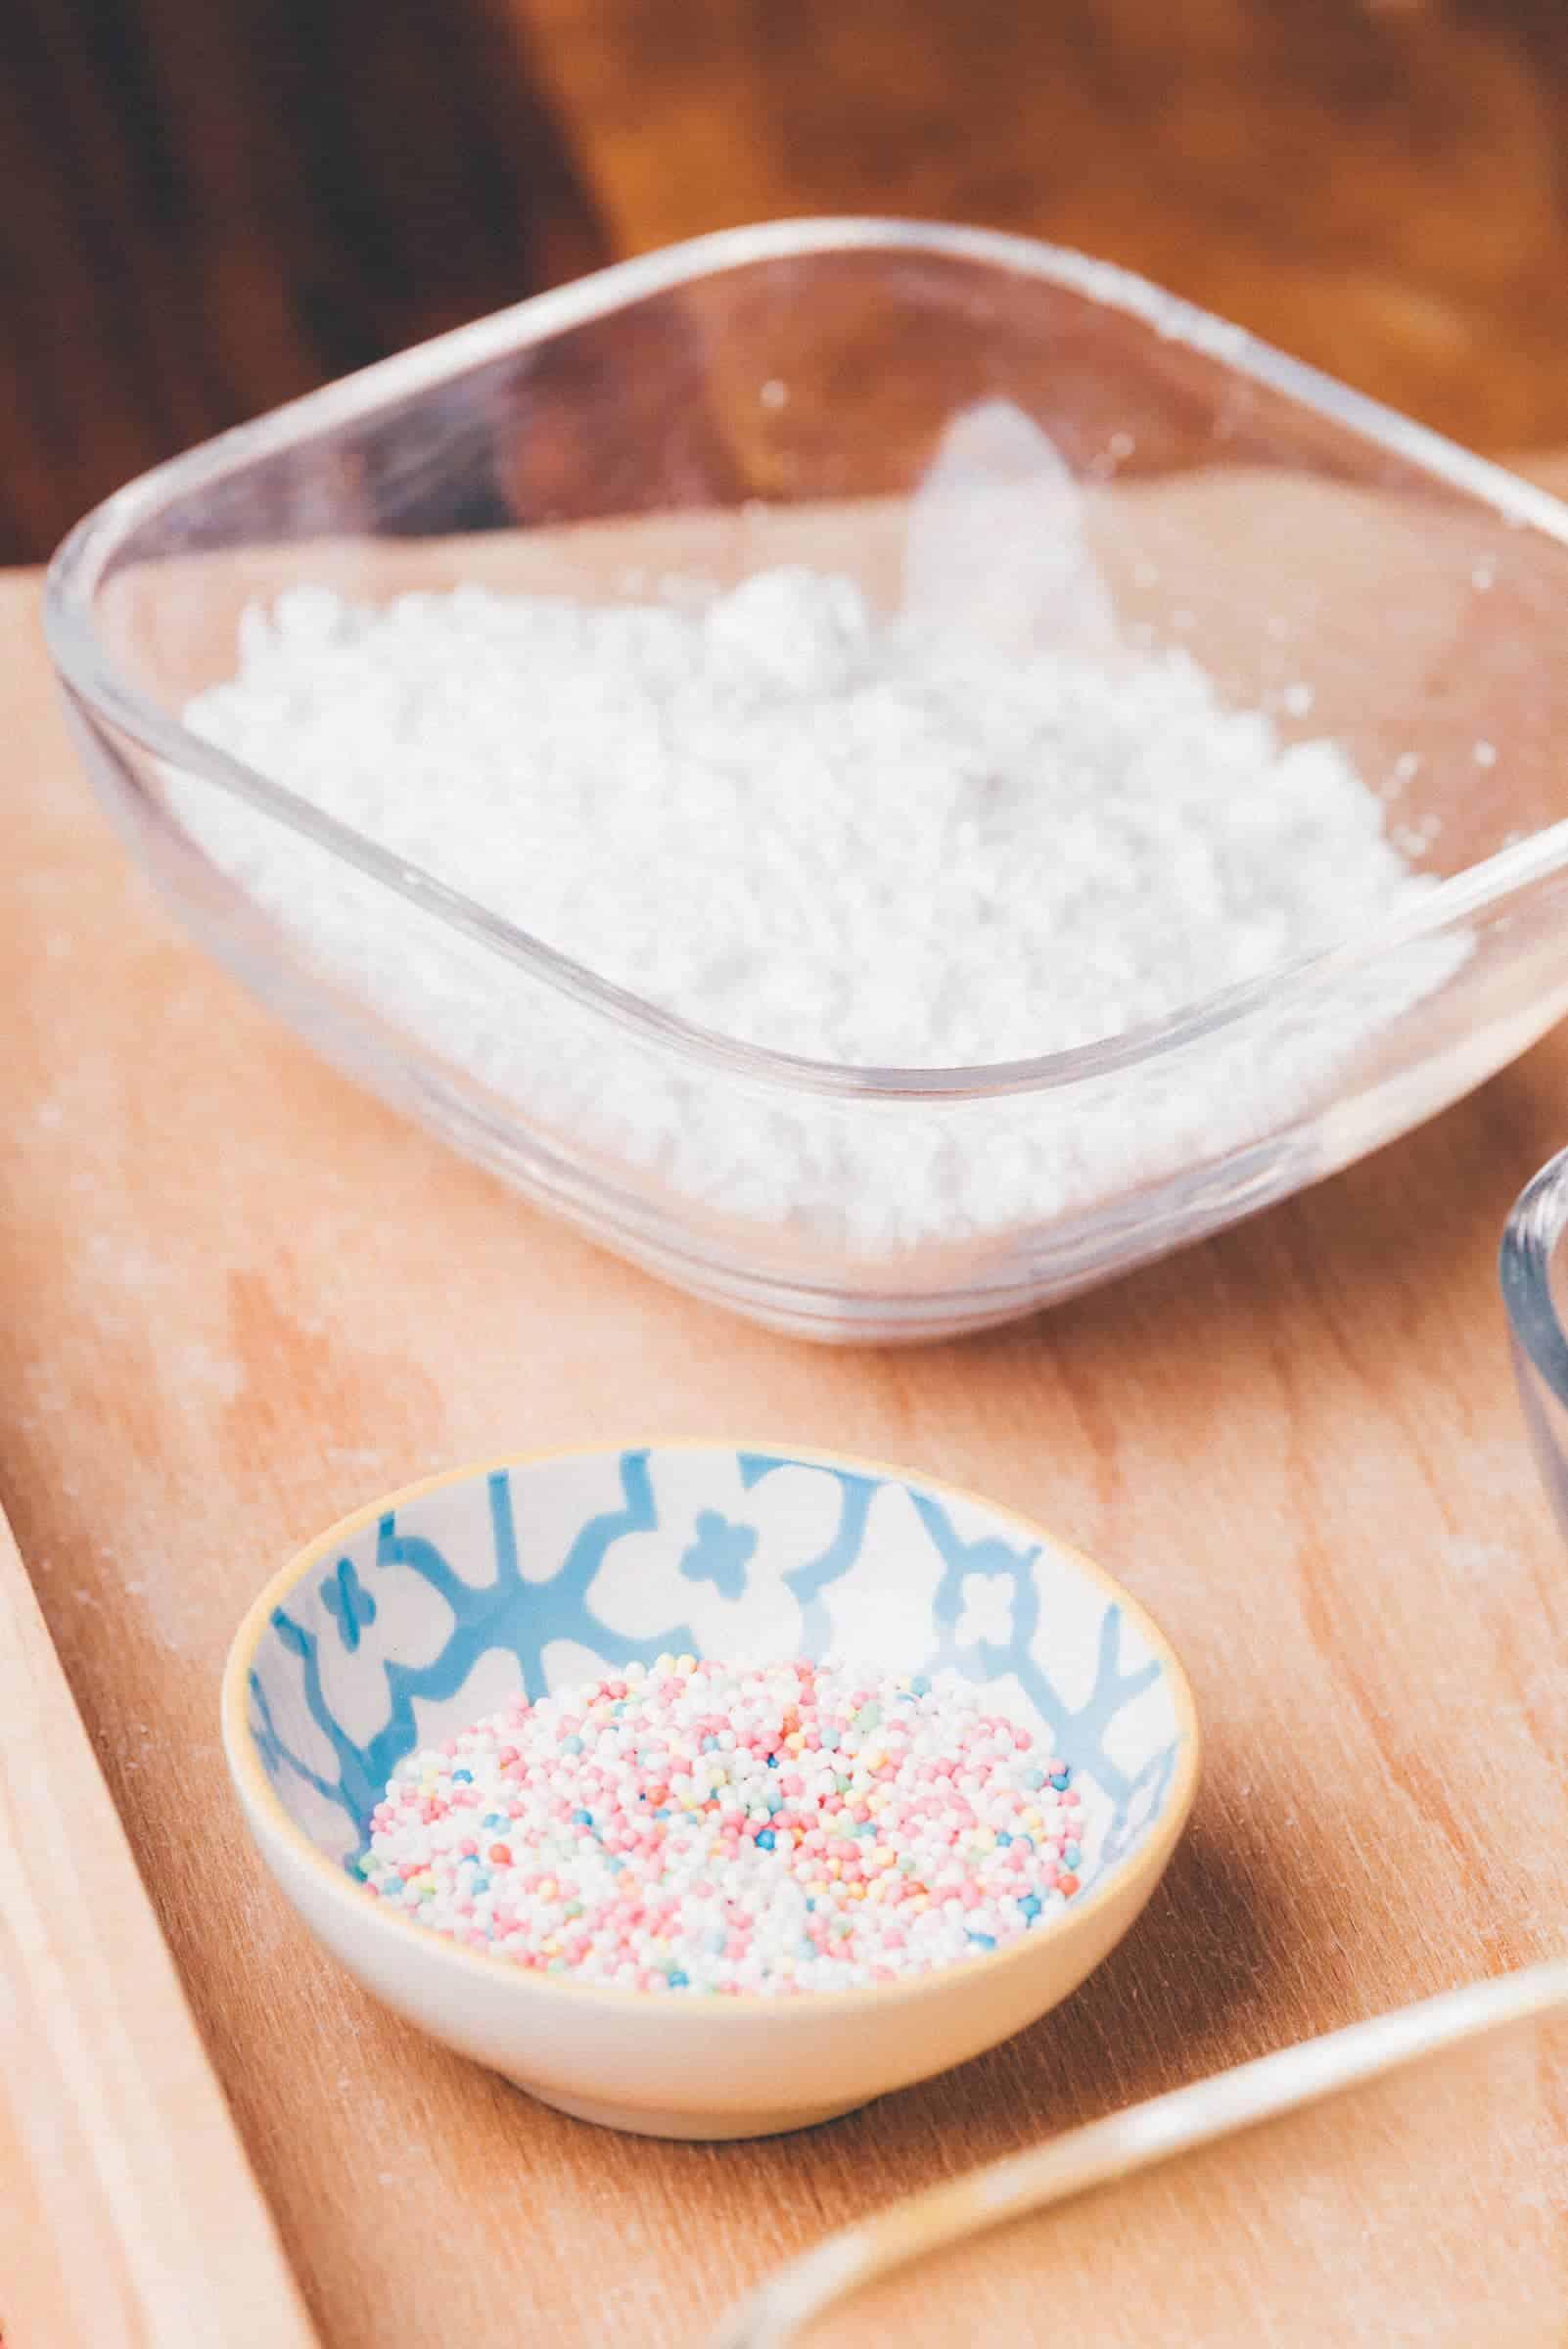 Ciambella di Pasqua marchigiana ricetta prep. 02 GnamAm